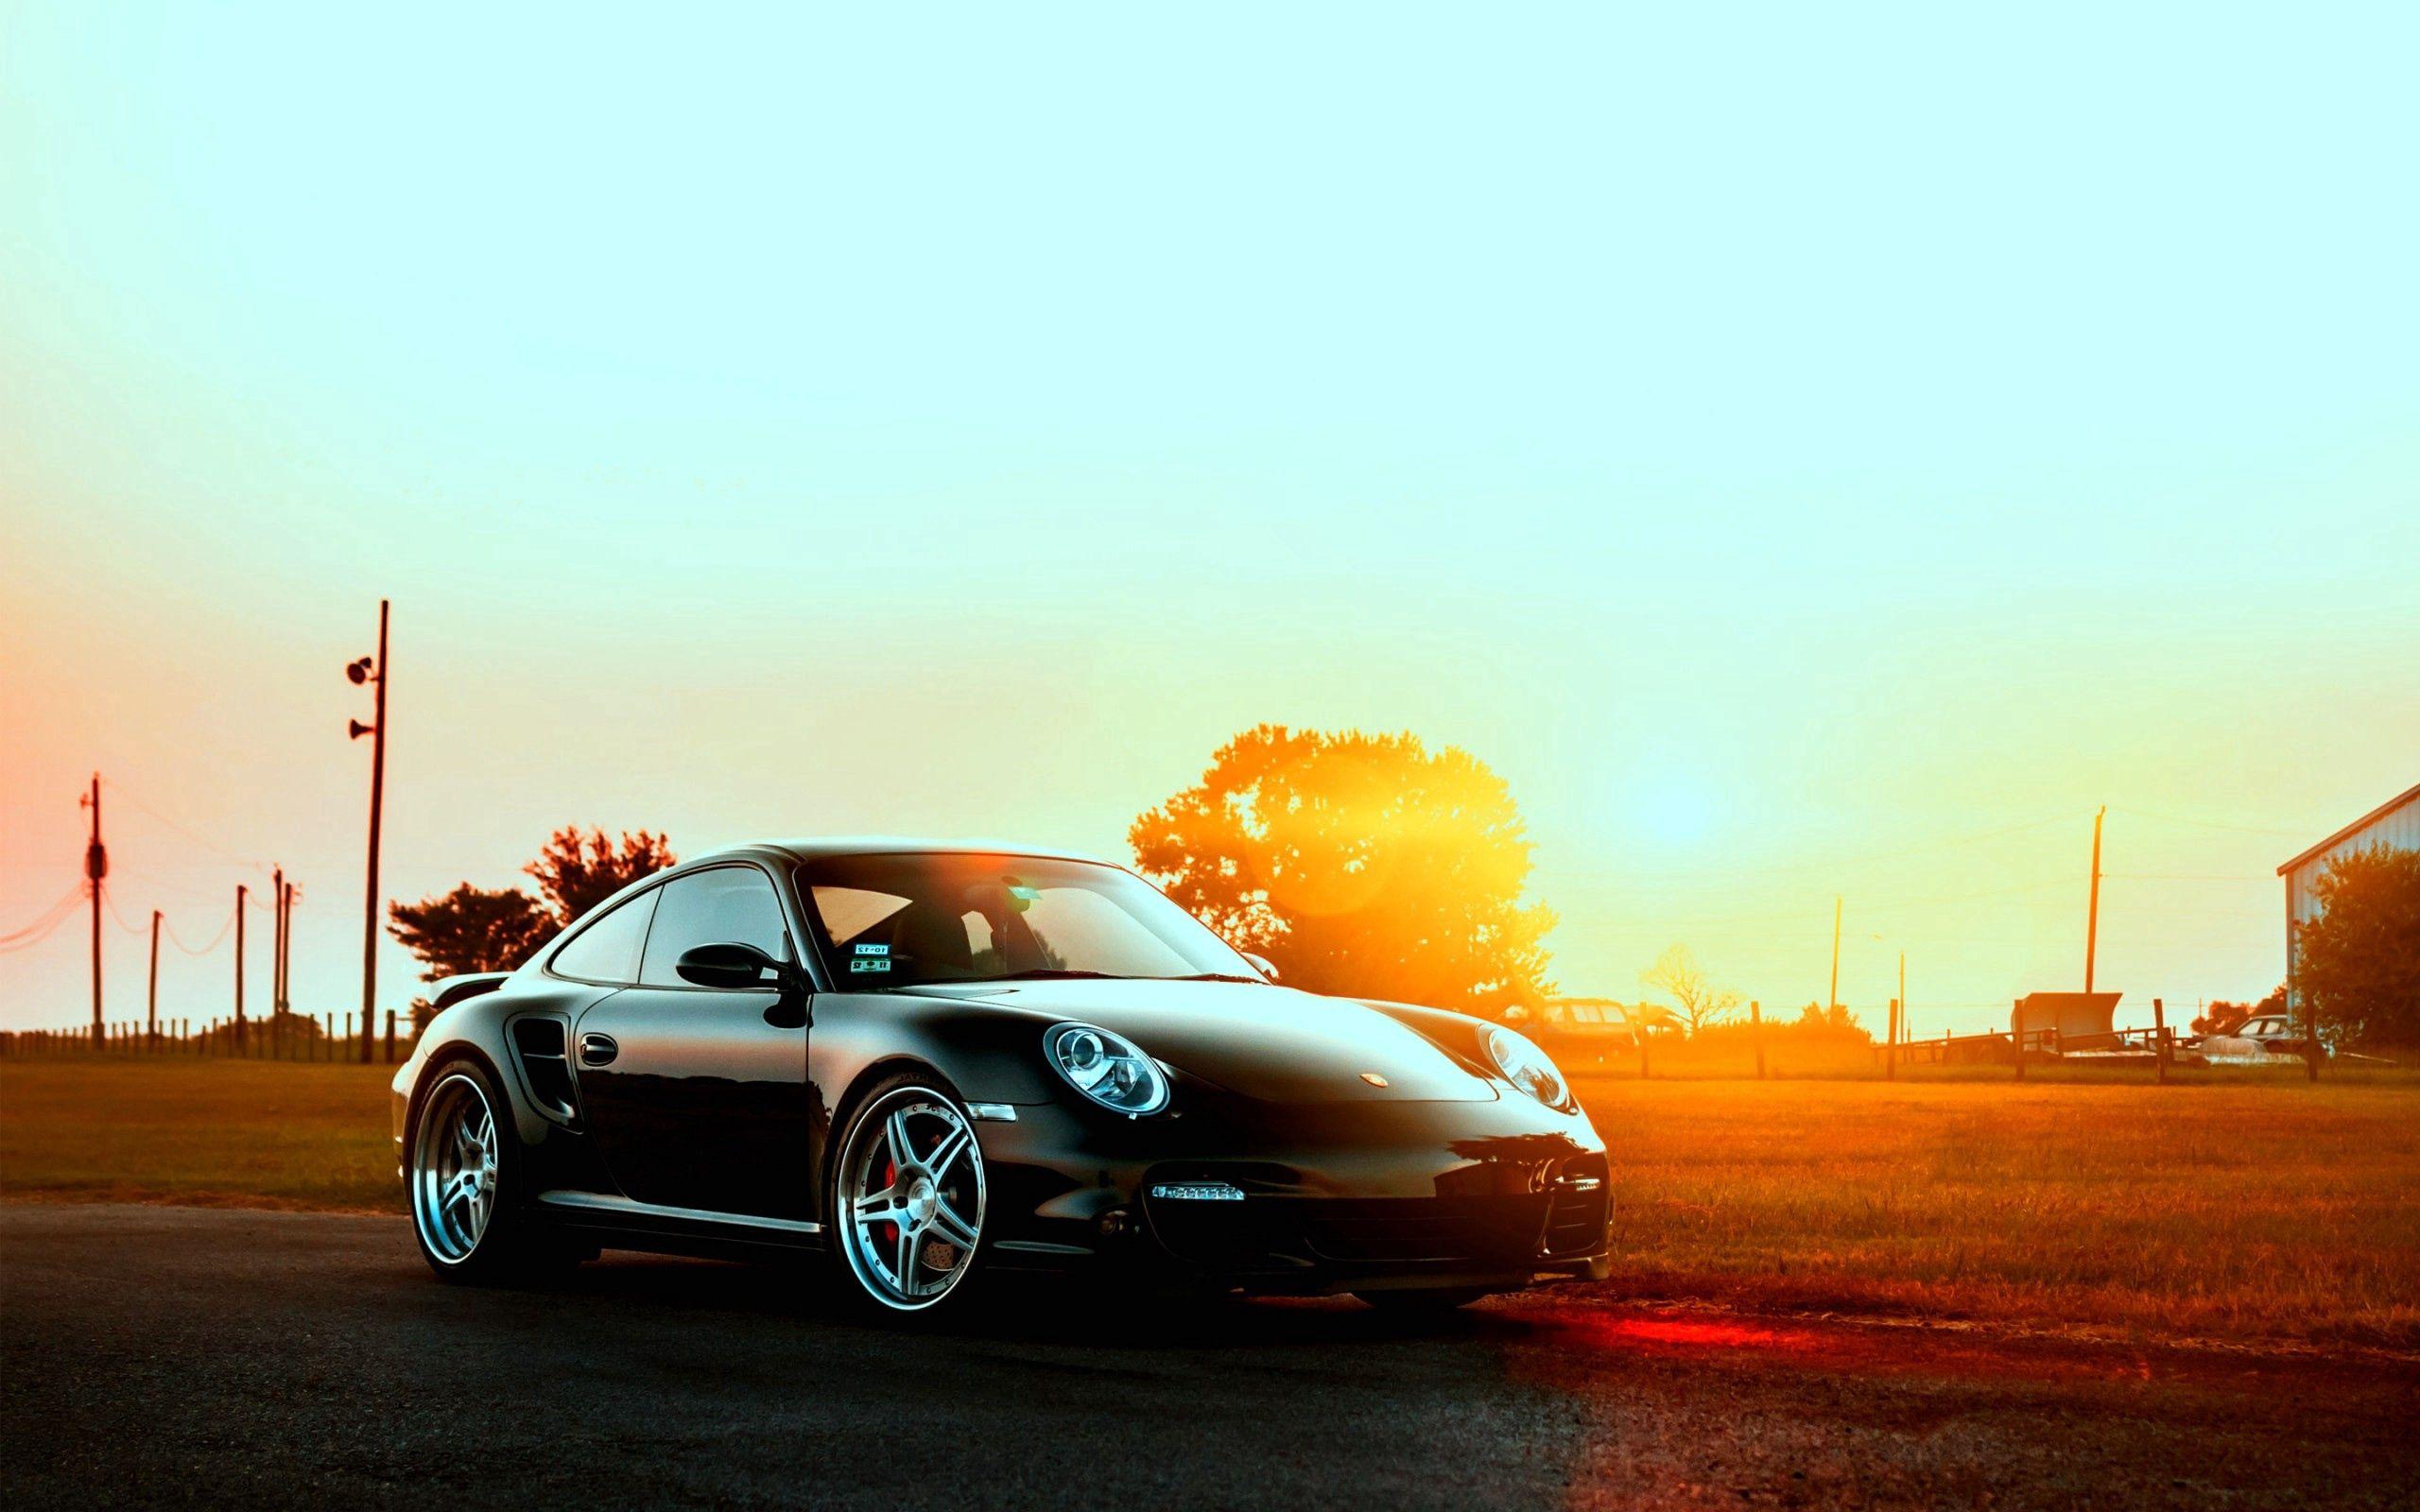 86936 Hintergrundbild herunterladen Auto, Porsche, Sunset, Cars, Stadt - Bildschirmschoner und Bilder kostenlos